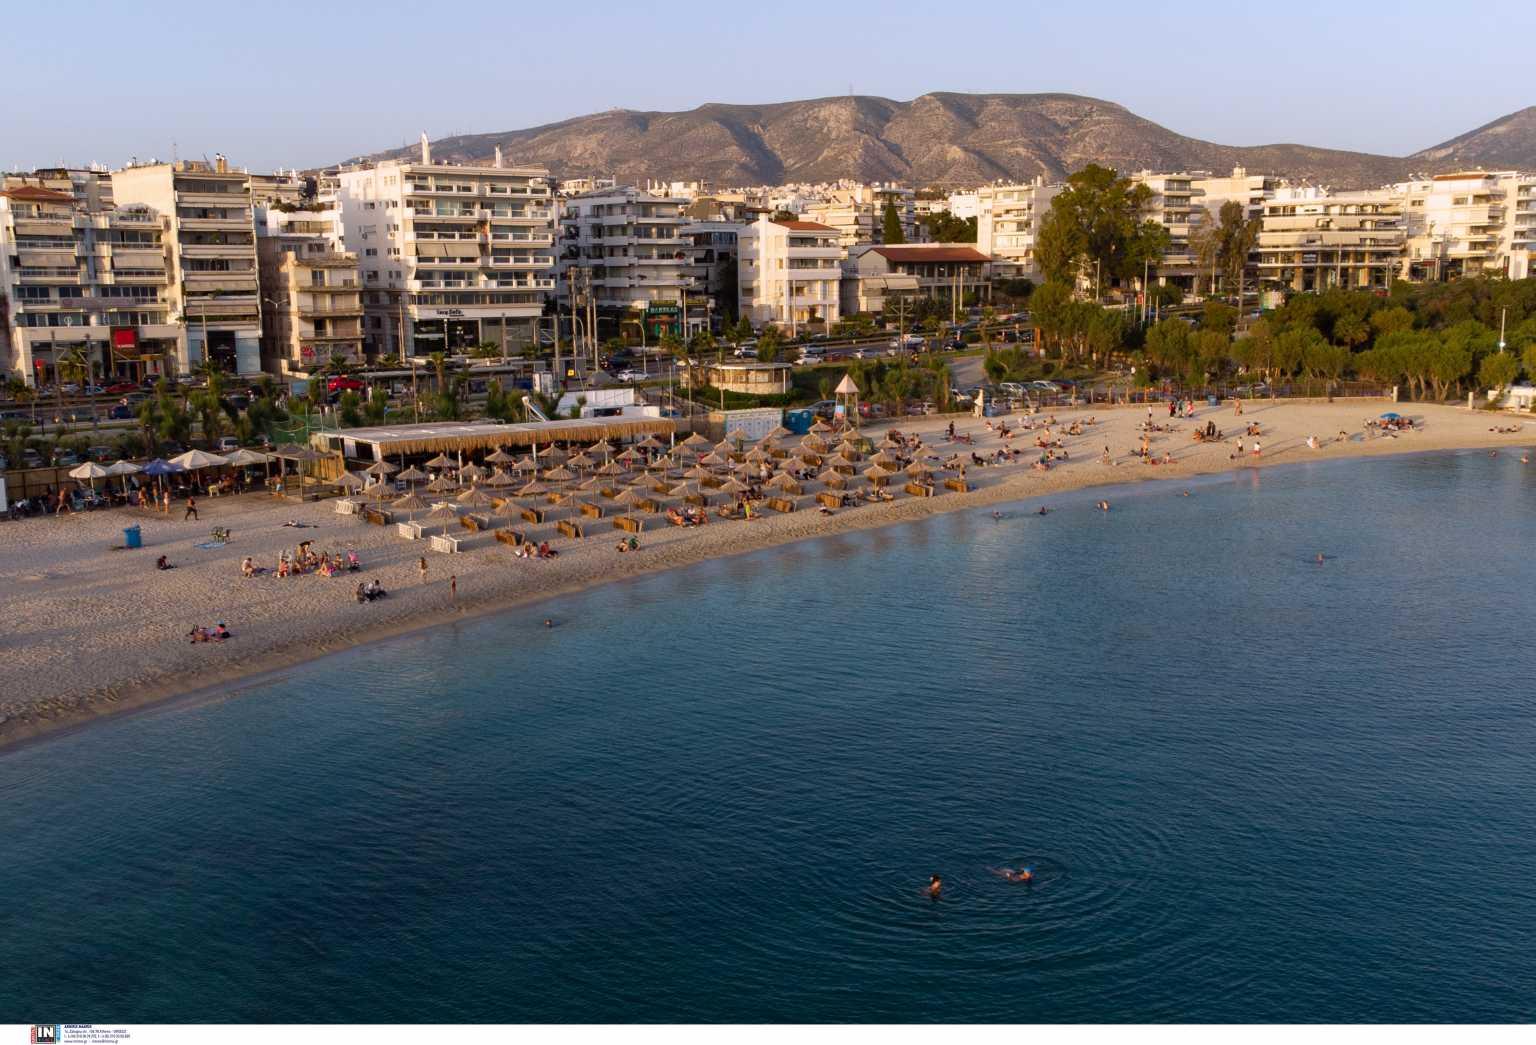 Ο καιρός το Σαββατοκύριακο: Που θα έχει καλοκαίρι τις πρώτες ημέρες «ελευθερίας» - Τι καιρό θα έχει στη Θεσσαλία